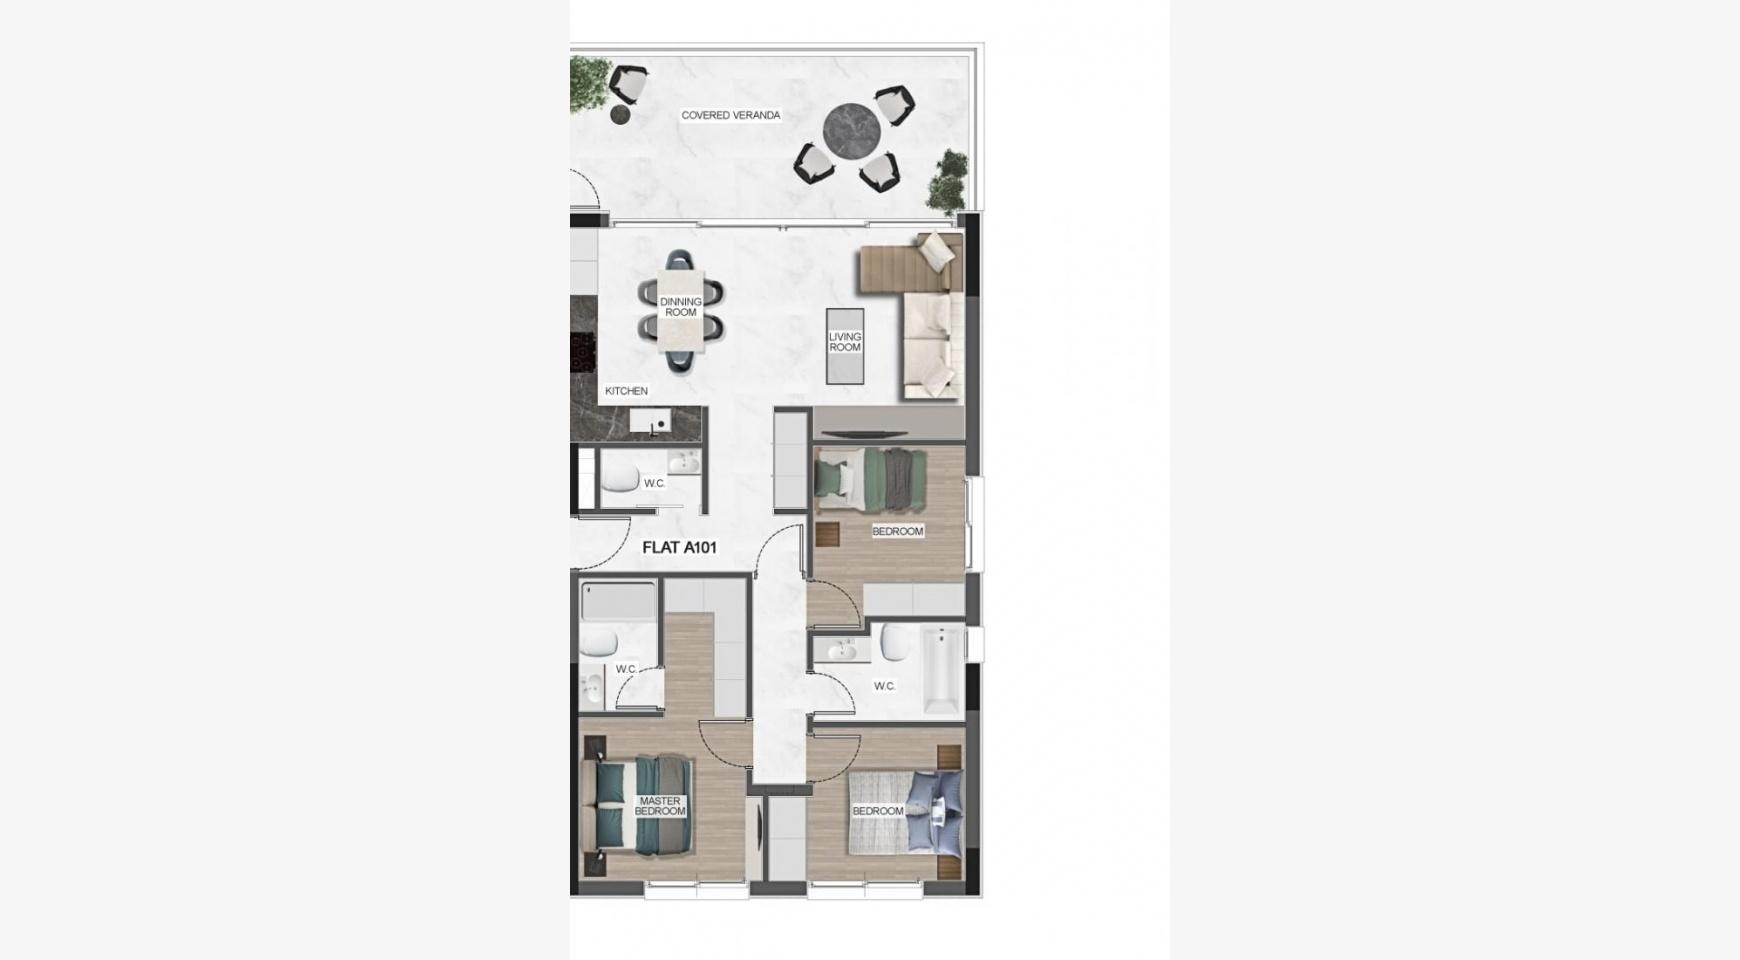 Urban City Residences, Кв. A 301. 3-Спальная Квартира в Новом Комплексе в Центре Города - 43